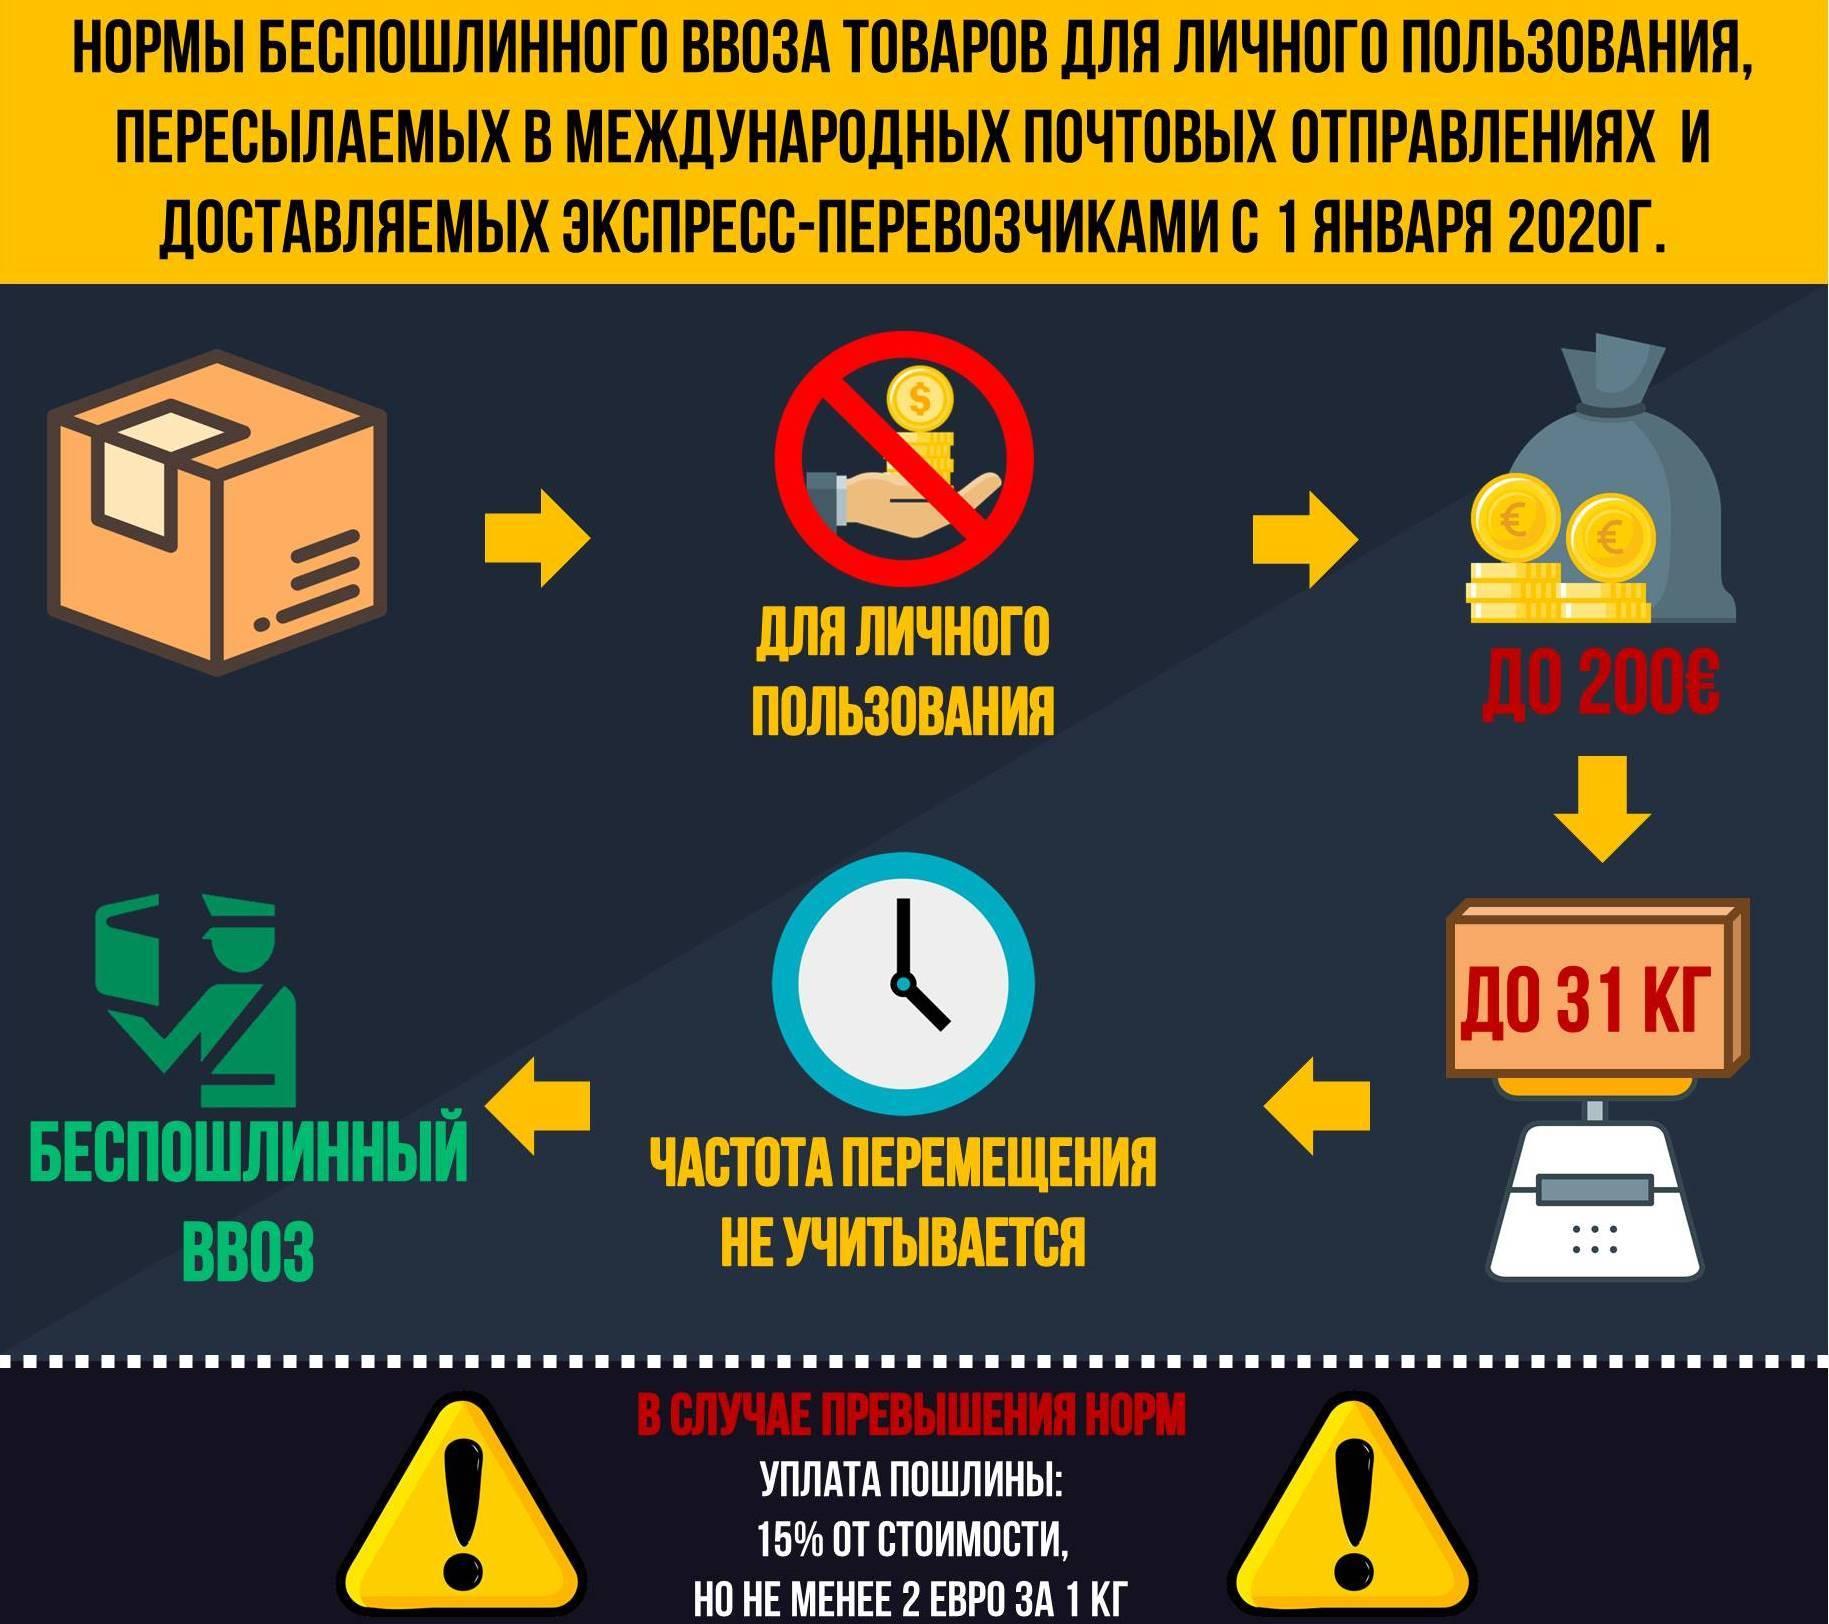 Внуковская таможня о новых нормах беспошлинного провоза товаров